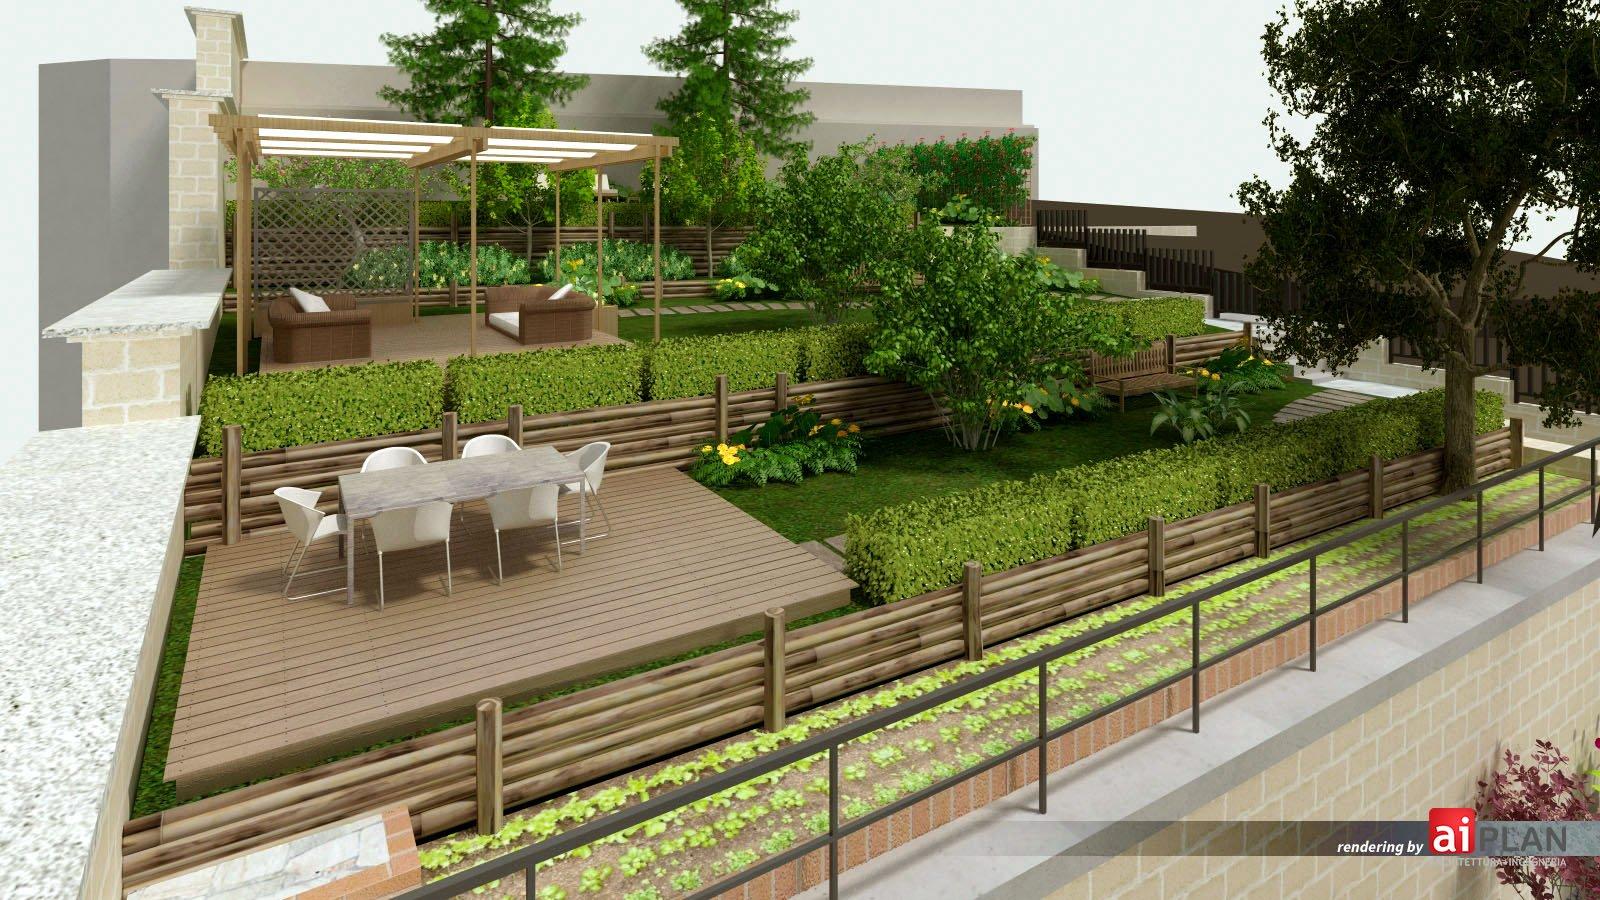 Rendering di giardini parchi e sistemi di verde aiplan for Corso progettazione giardini